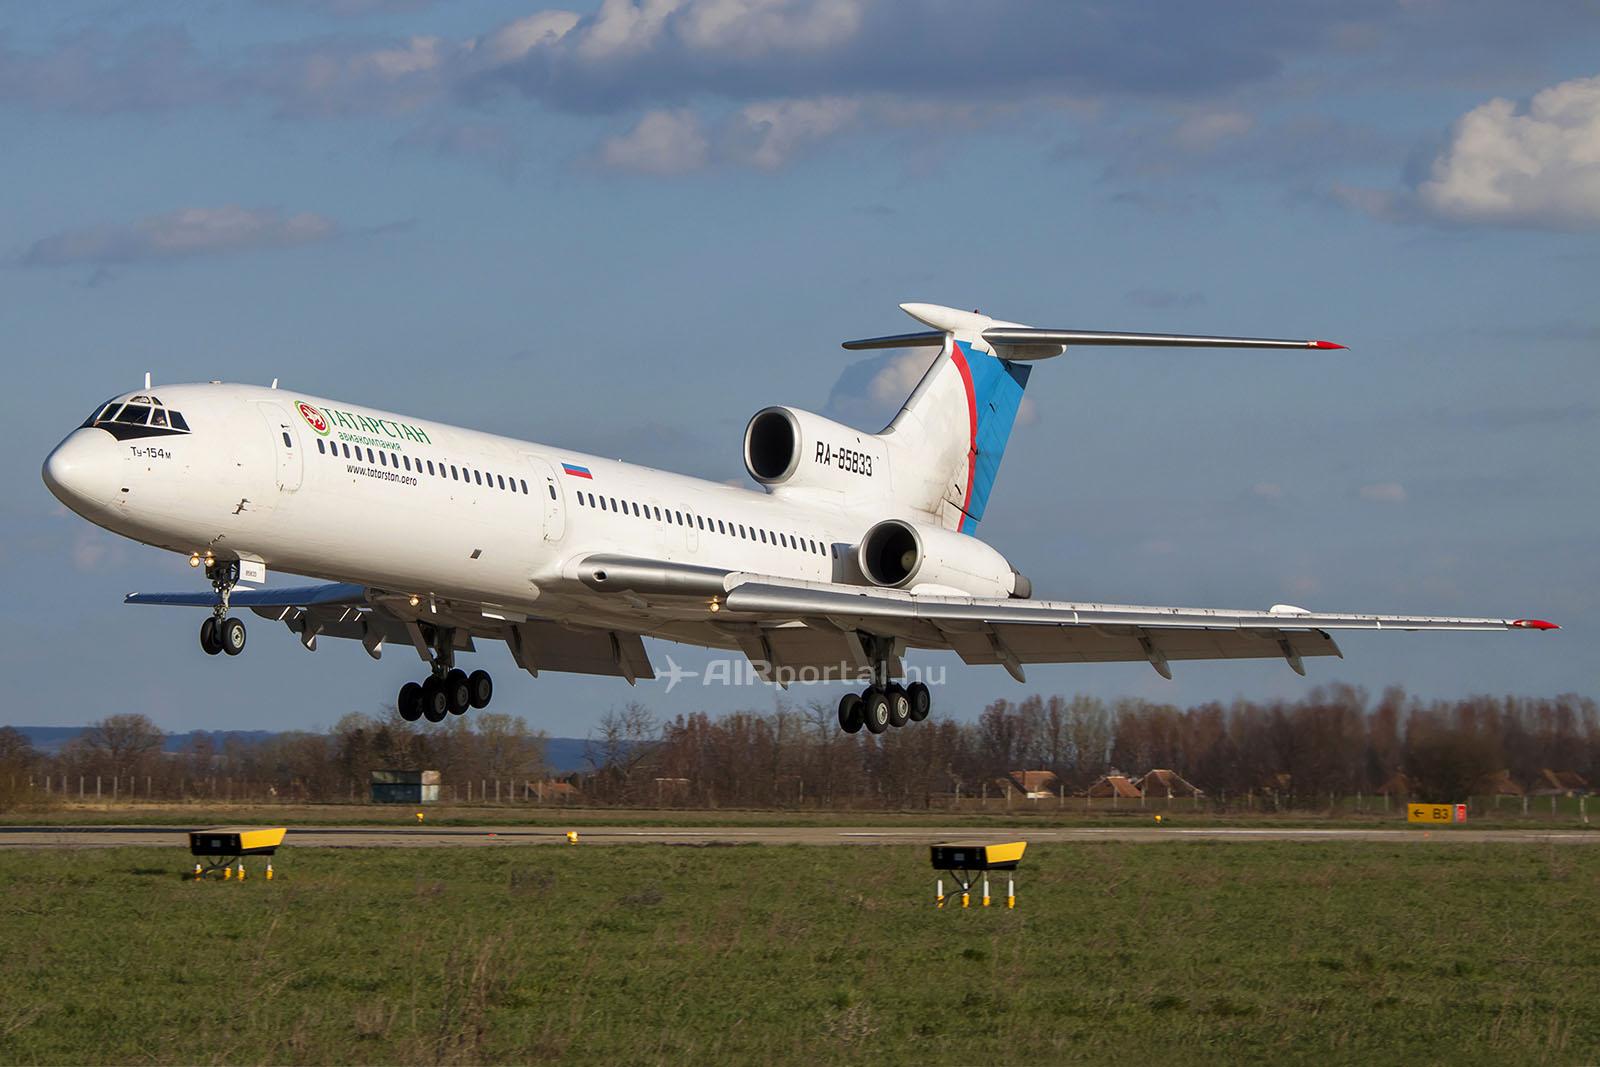 Az egyik utolsó orosz charterjárat 2013. áprilisában Sármelléken, melyet a klasszikus Tupoljev 154M típus teljesített. (Fotó: AIRportal.hu) | © AIRportal.hu